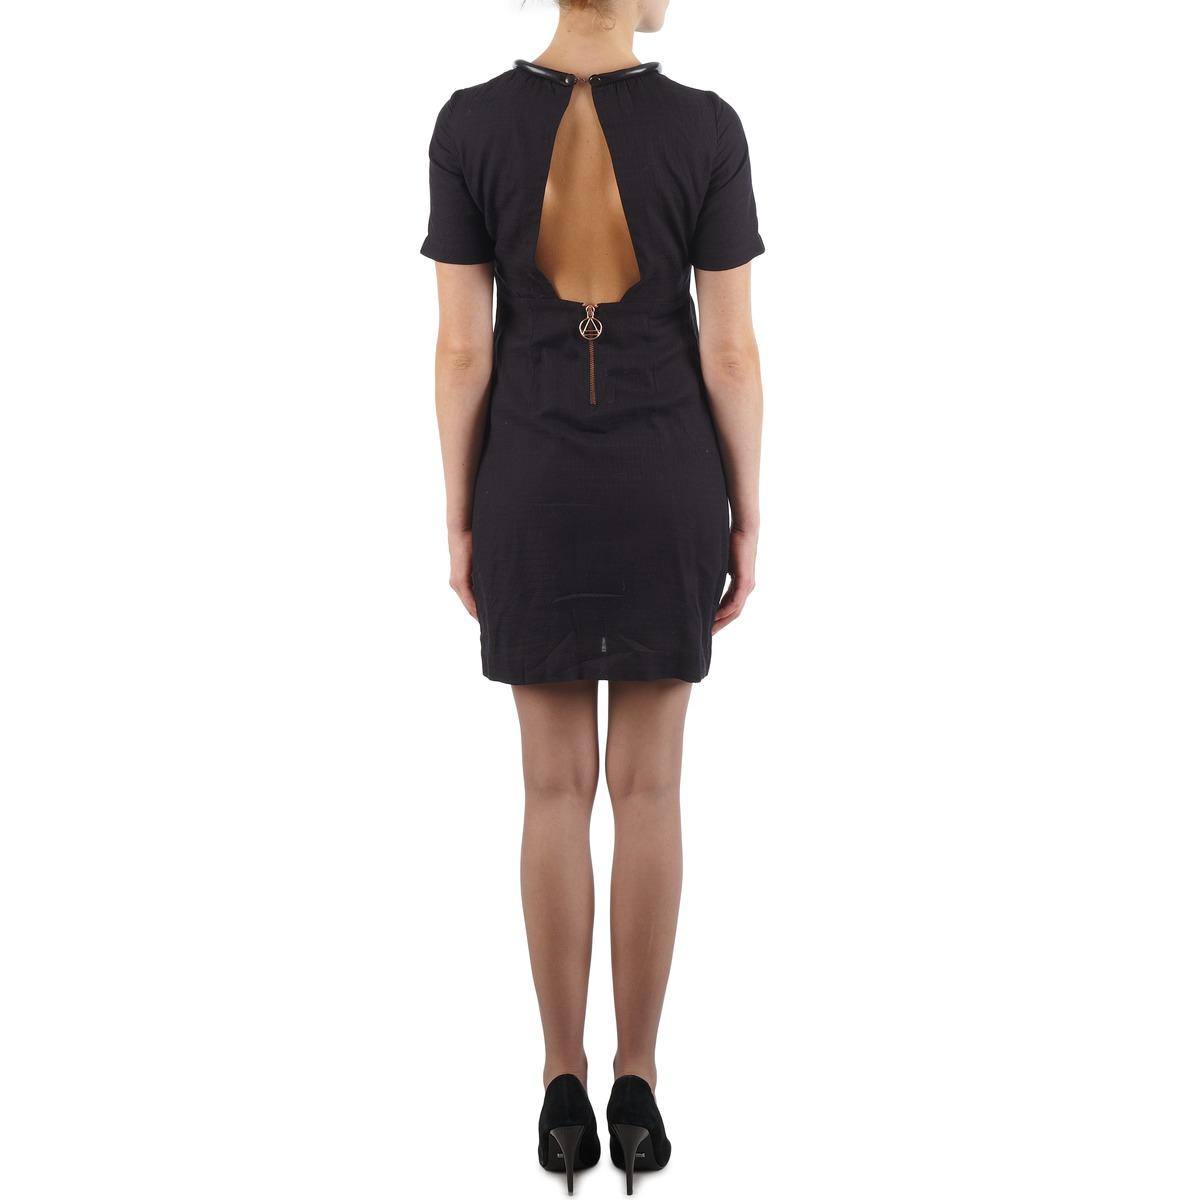 Eleven Paris Town Women Noir - Livraison Gratuite Vêtements Robes Courtes Femme 79,19 €